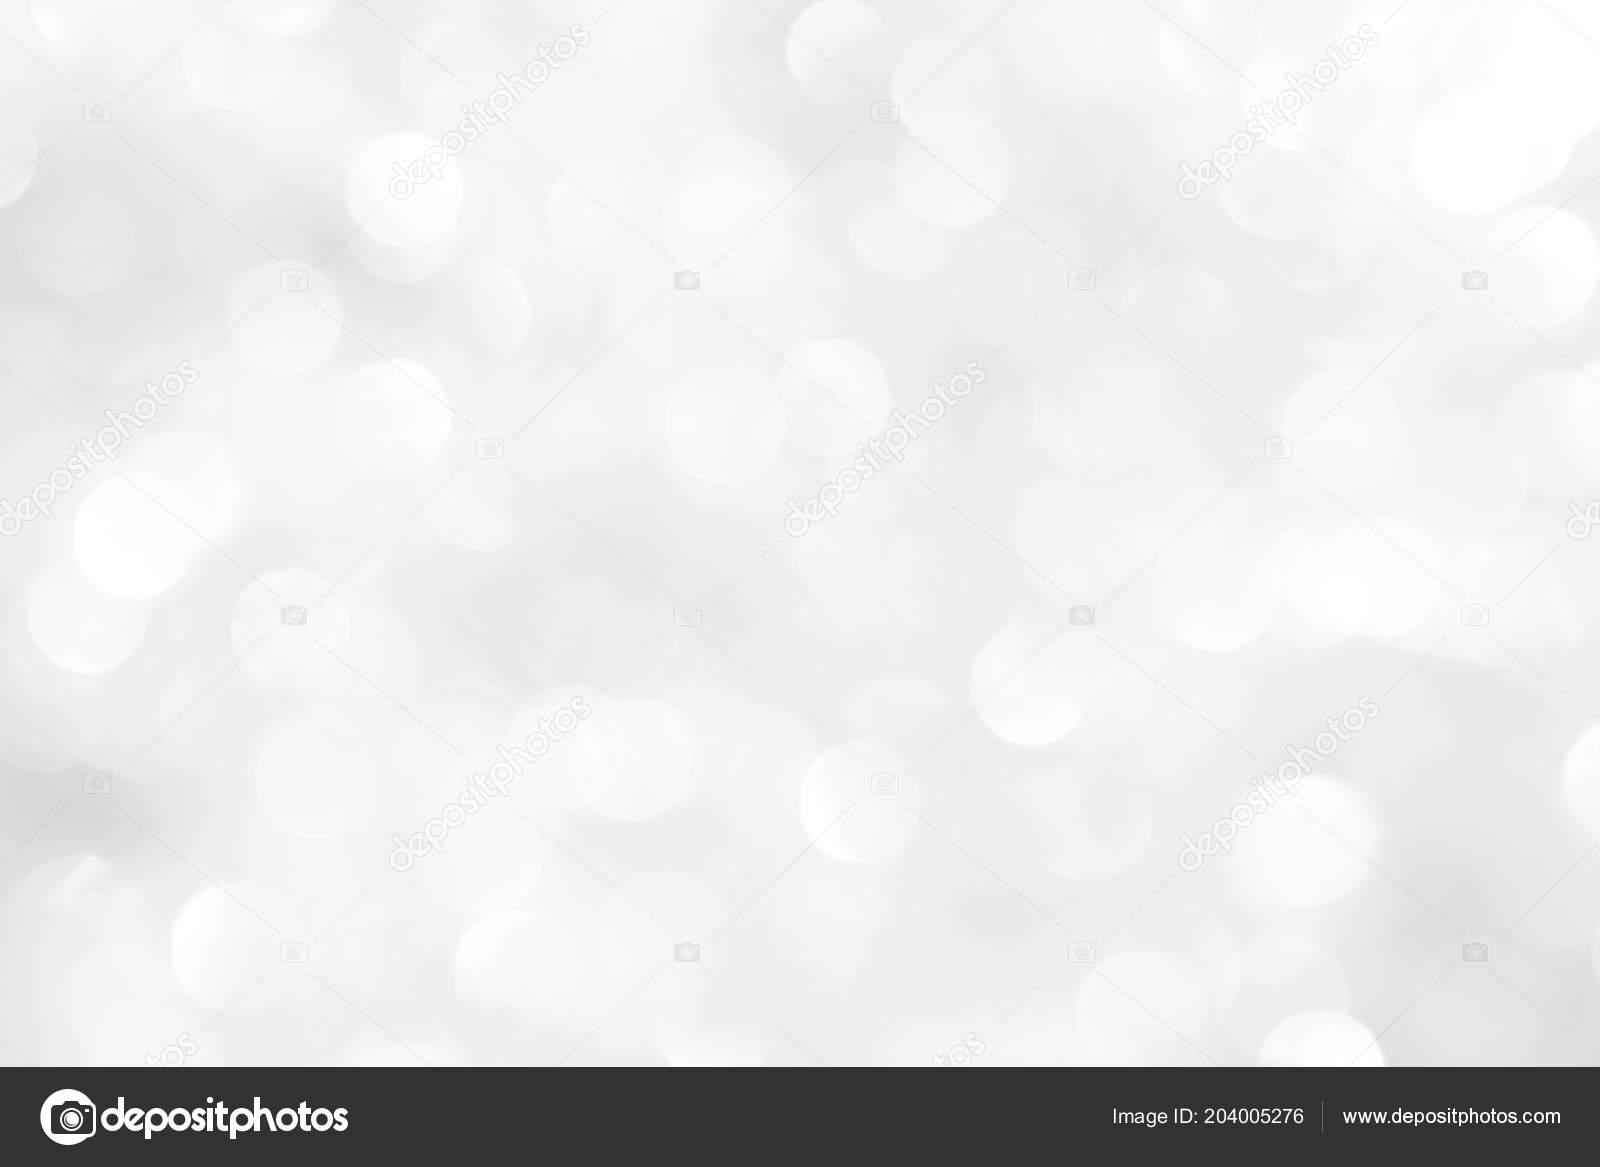 Sfondo Bianco Brillante Con Cerchi Ovali Diverse Dimensioni Modello